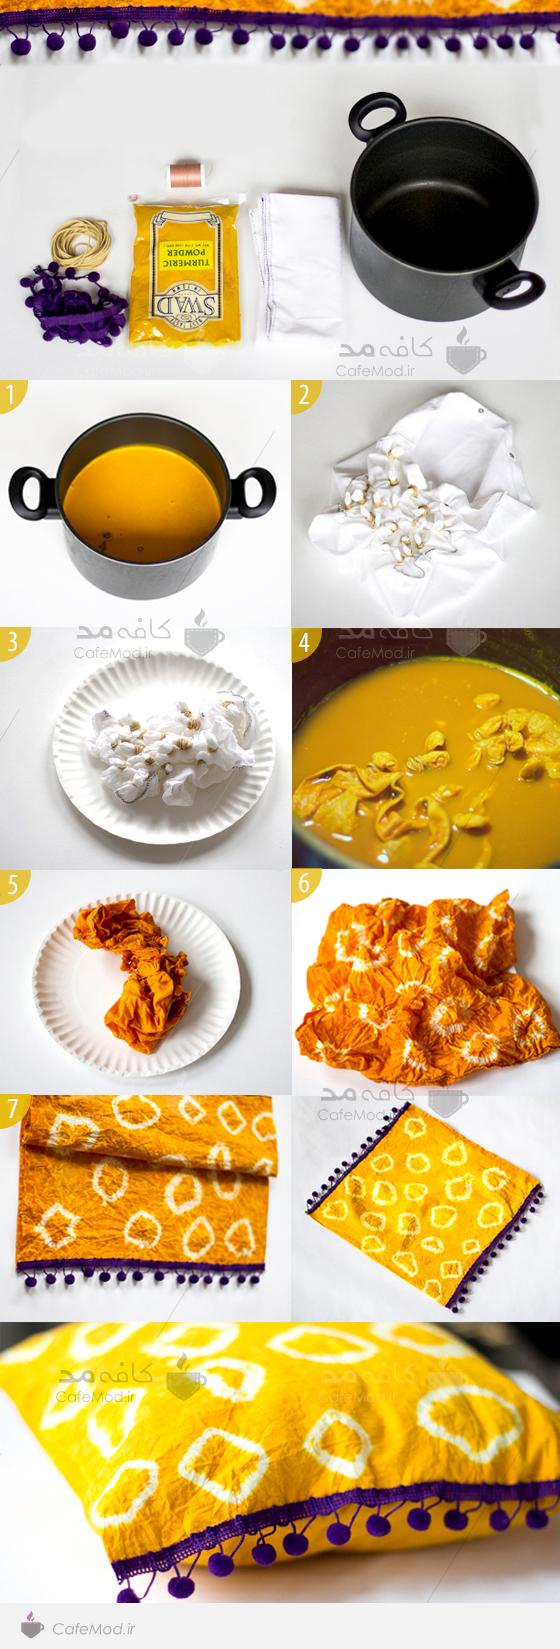 آموزش دوخت کوسن نارنجی رنگ